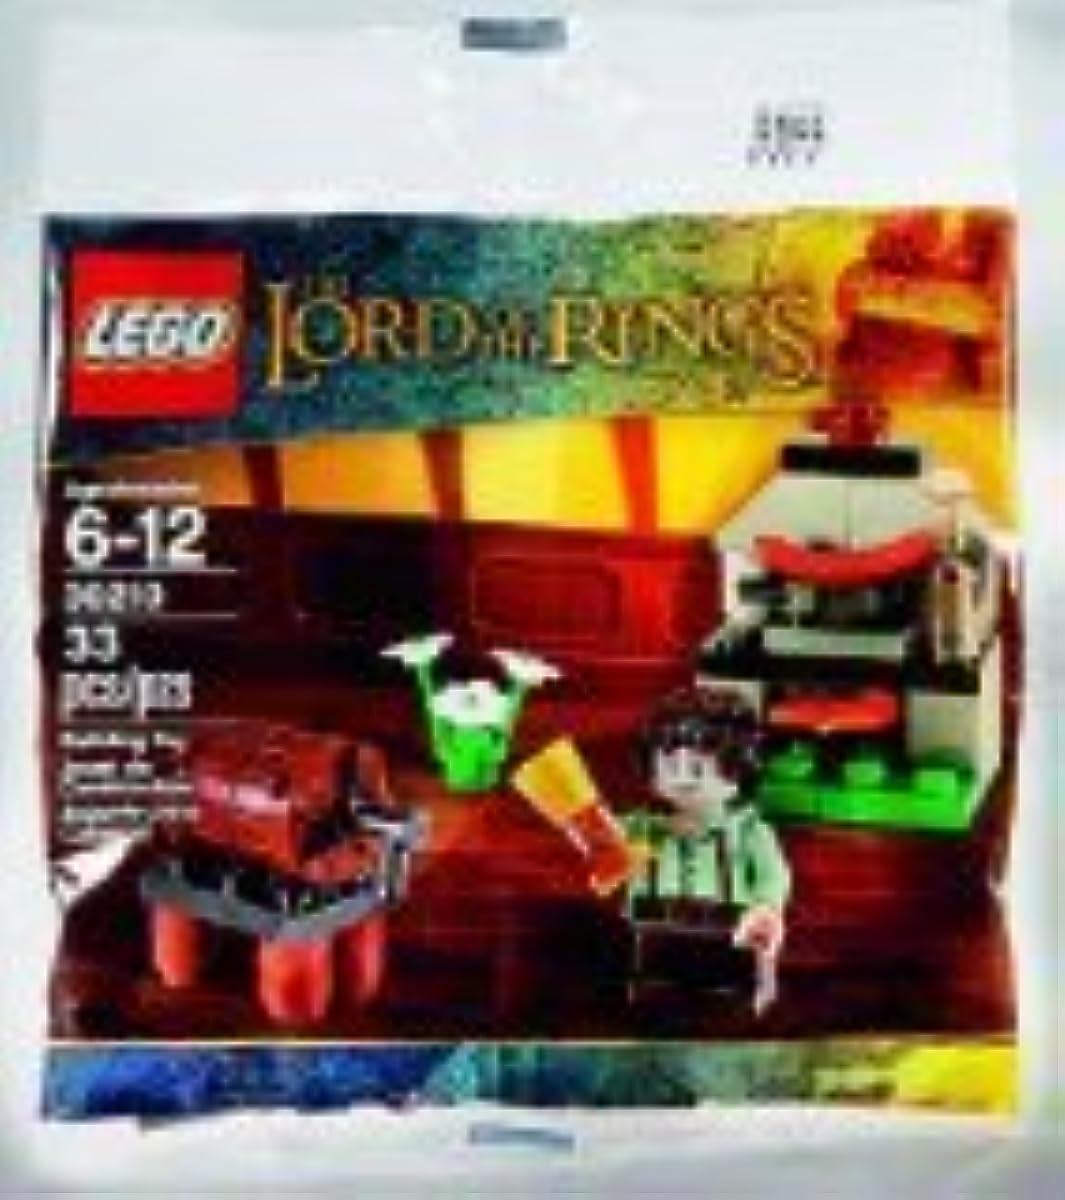 [해외] 레고 반지의 제왕 30210 FRODO WITH COOKING CORNER-30210